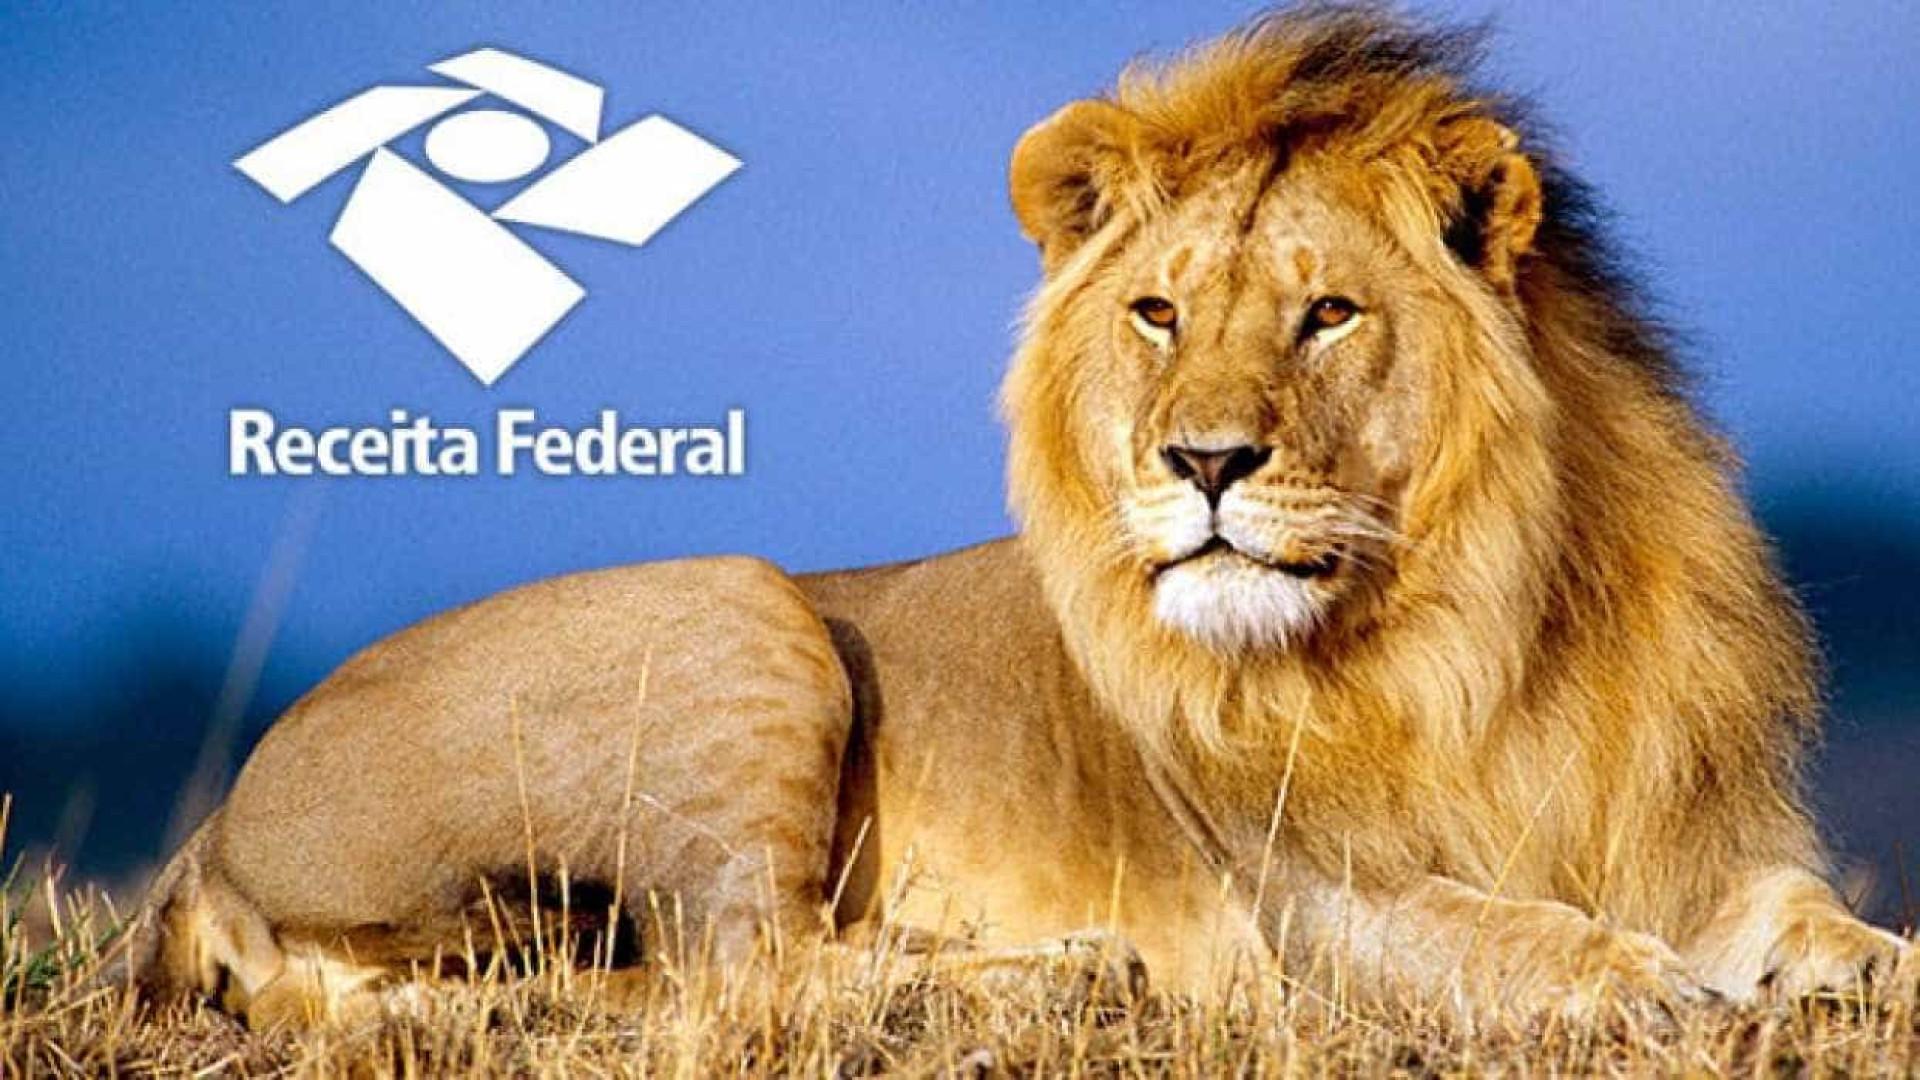 Sites falsos simulam página da Receita Federal para roubar dados